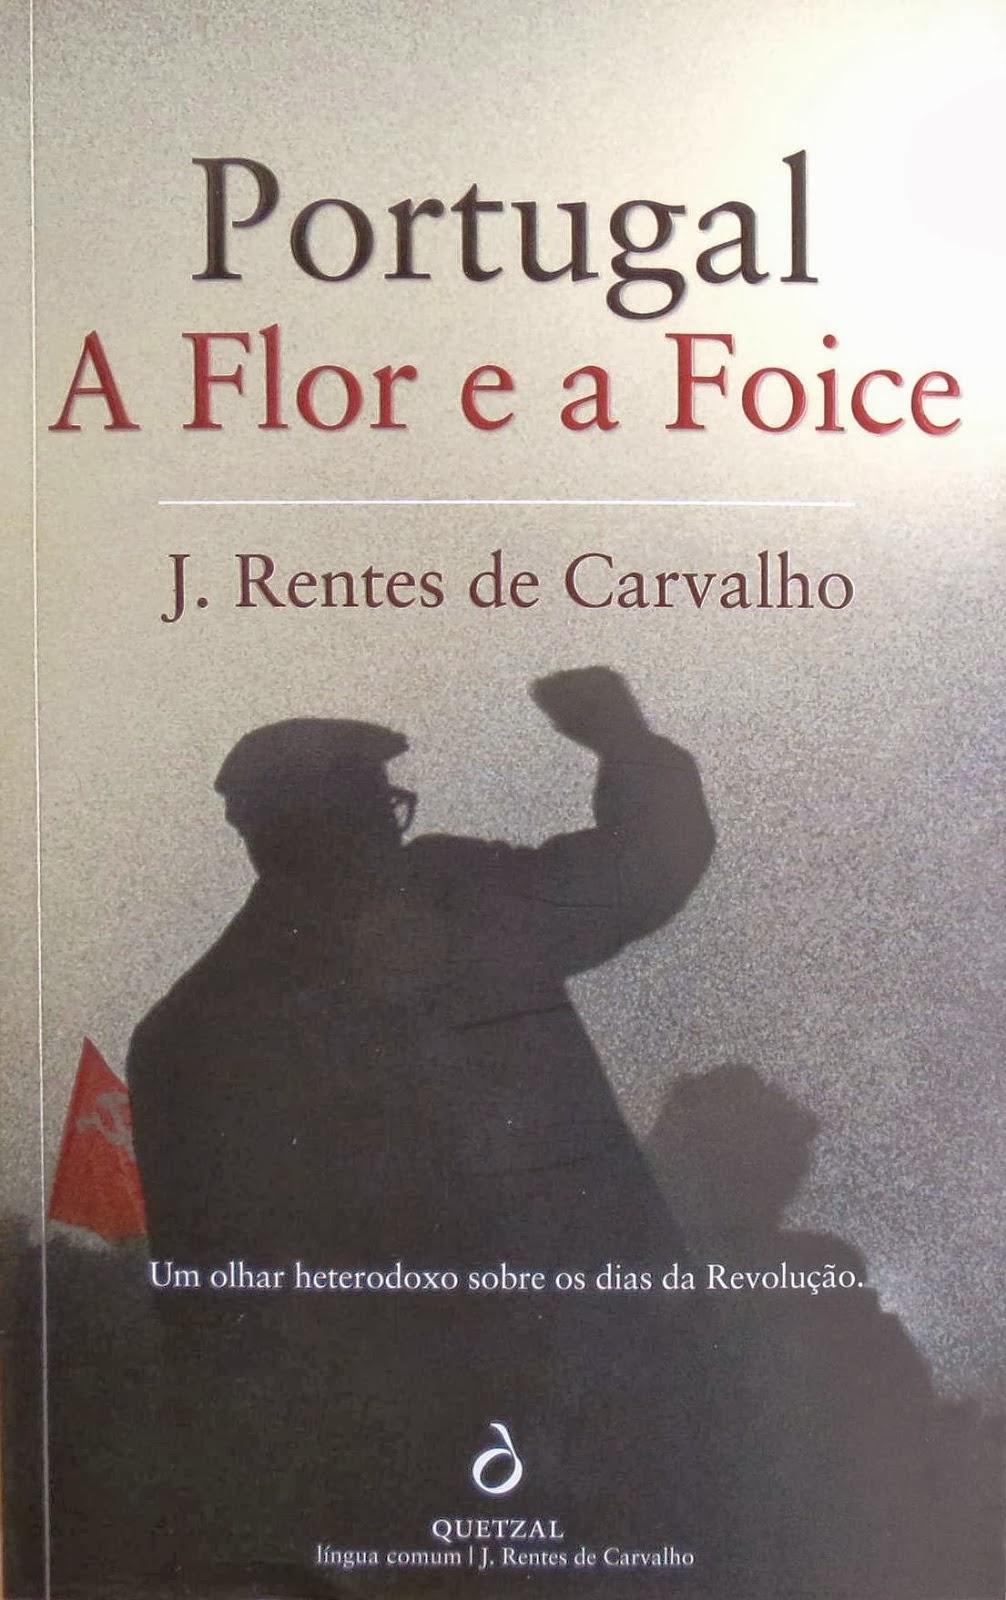 Portugal a Flor e a Foice, José Rentes de Carvalho